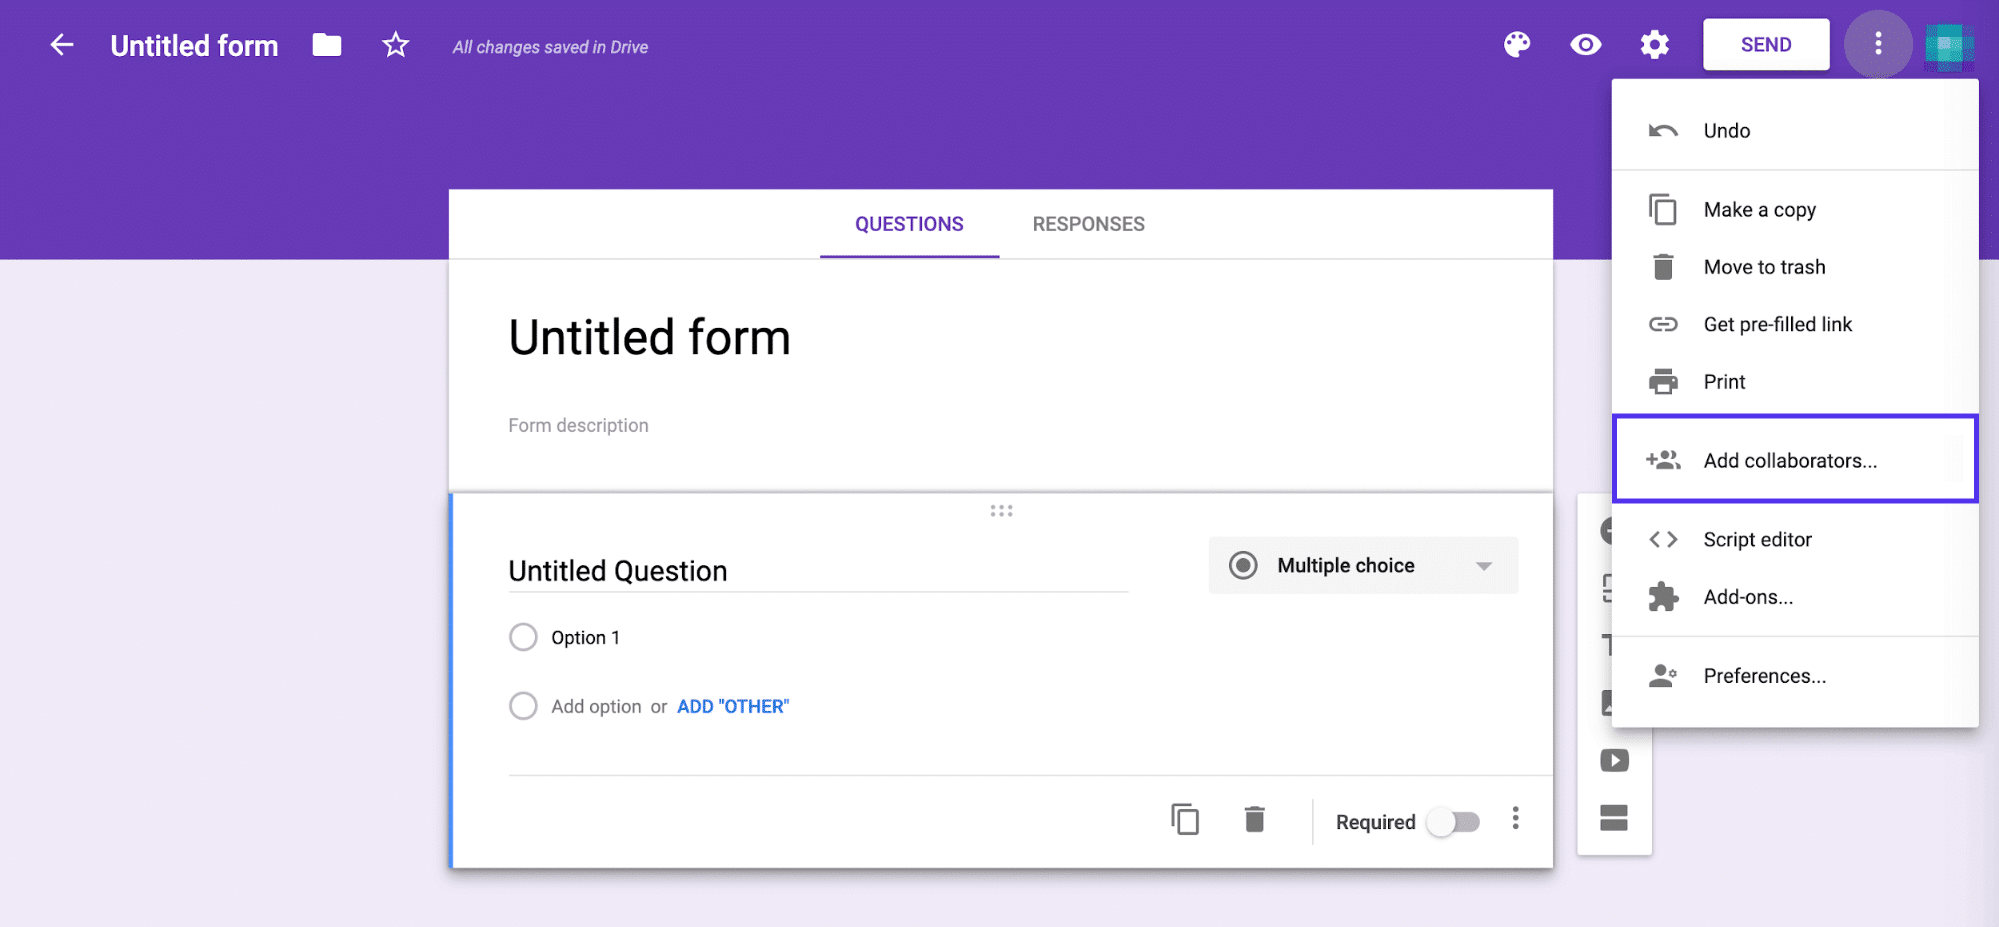 Añadir colaboradores al formulario de Google